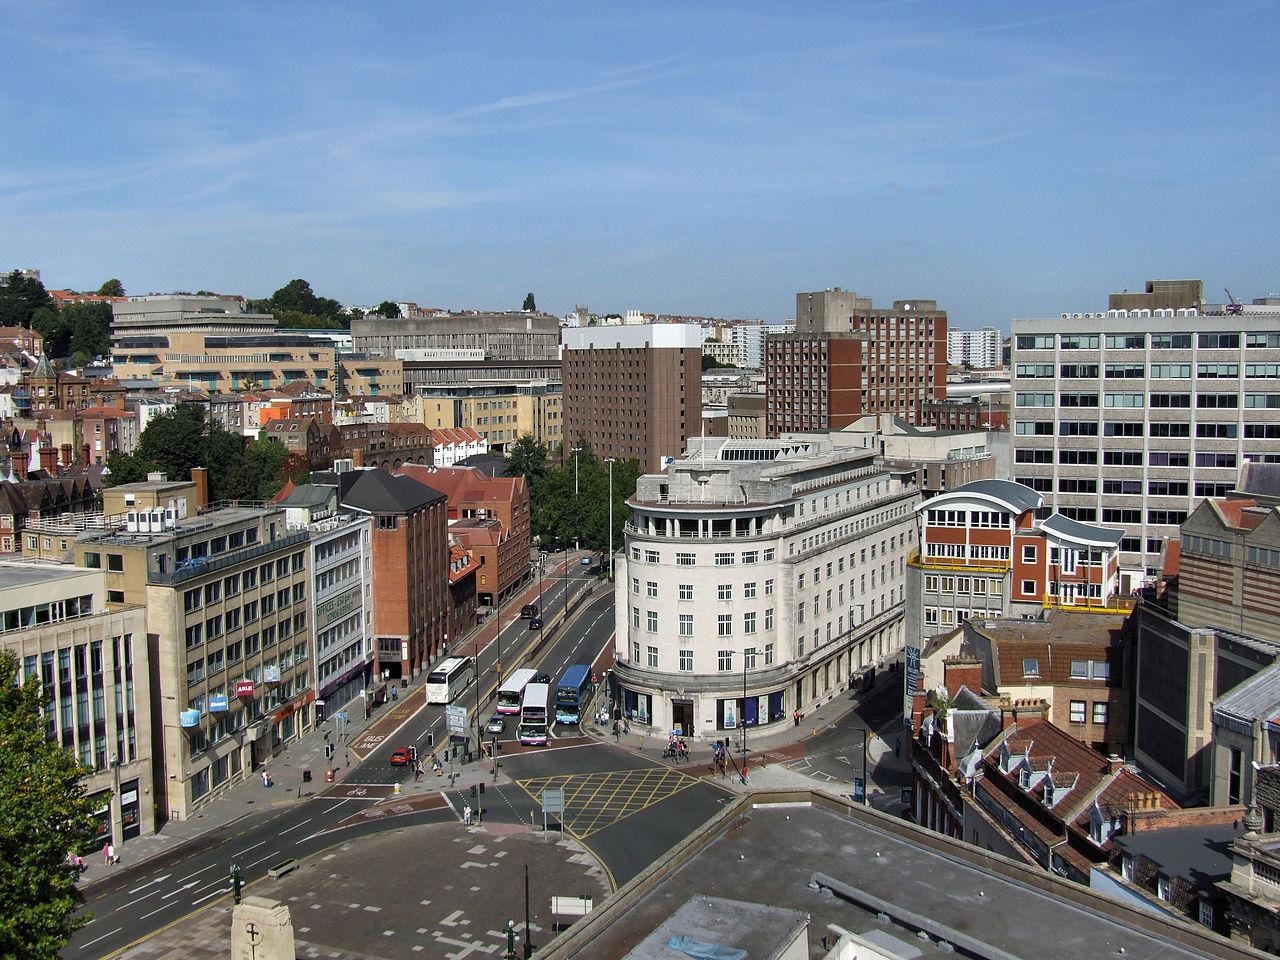 File:Colston Avenue, Bristol.jpg - Wikipedia